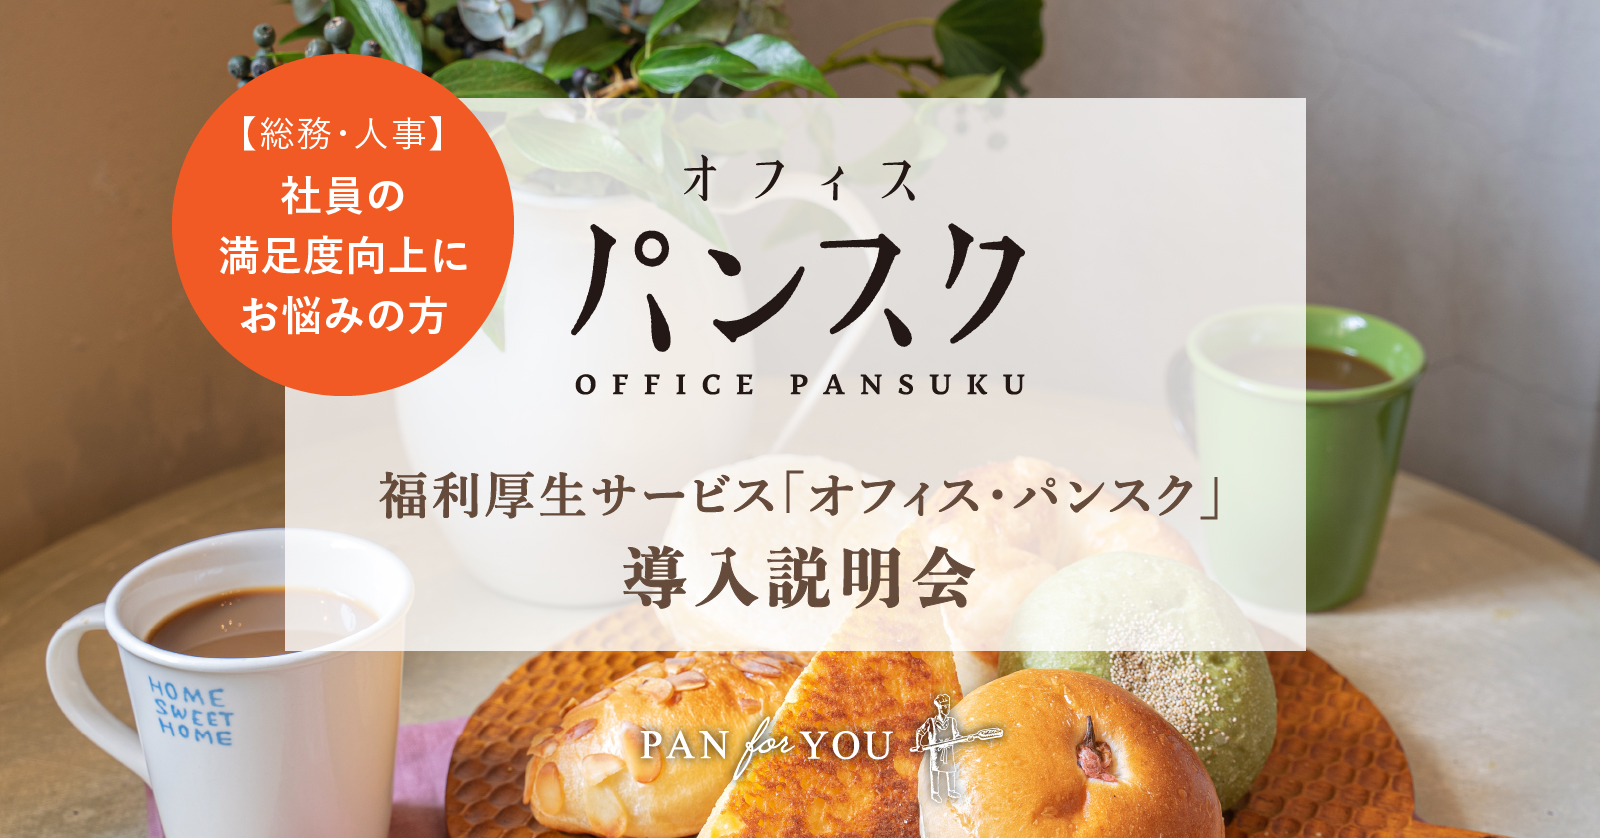 全国のパン屋さんがオフィスに!?福利厚生サービス「オフィス・パンスク」について15分説明会@オンライ... 画像